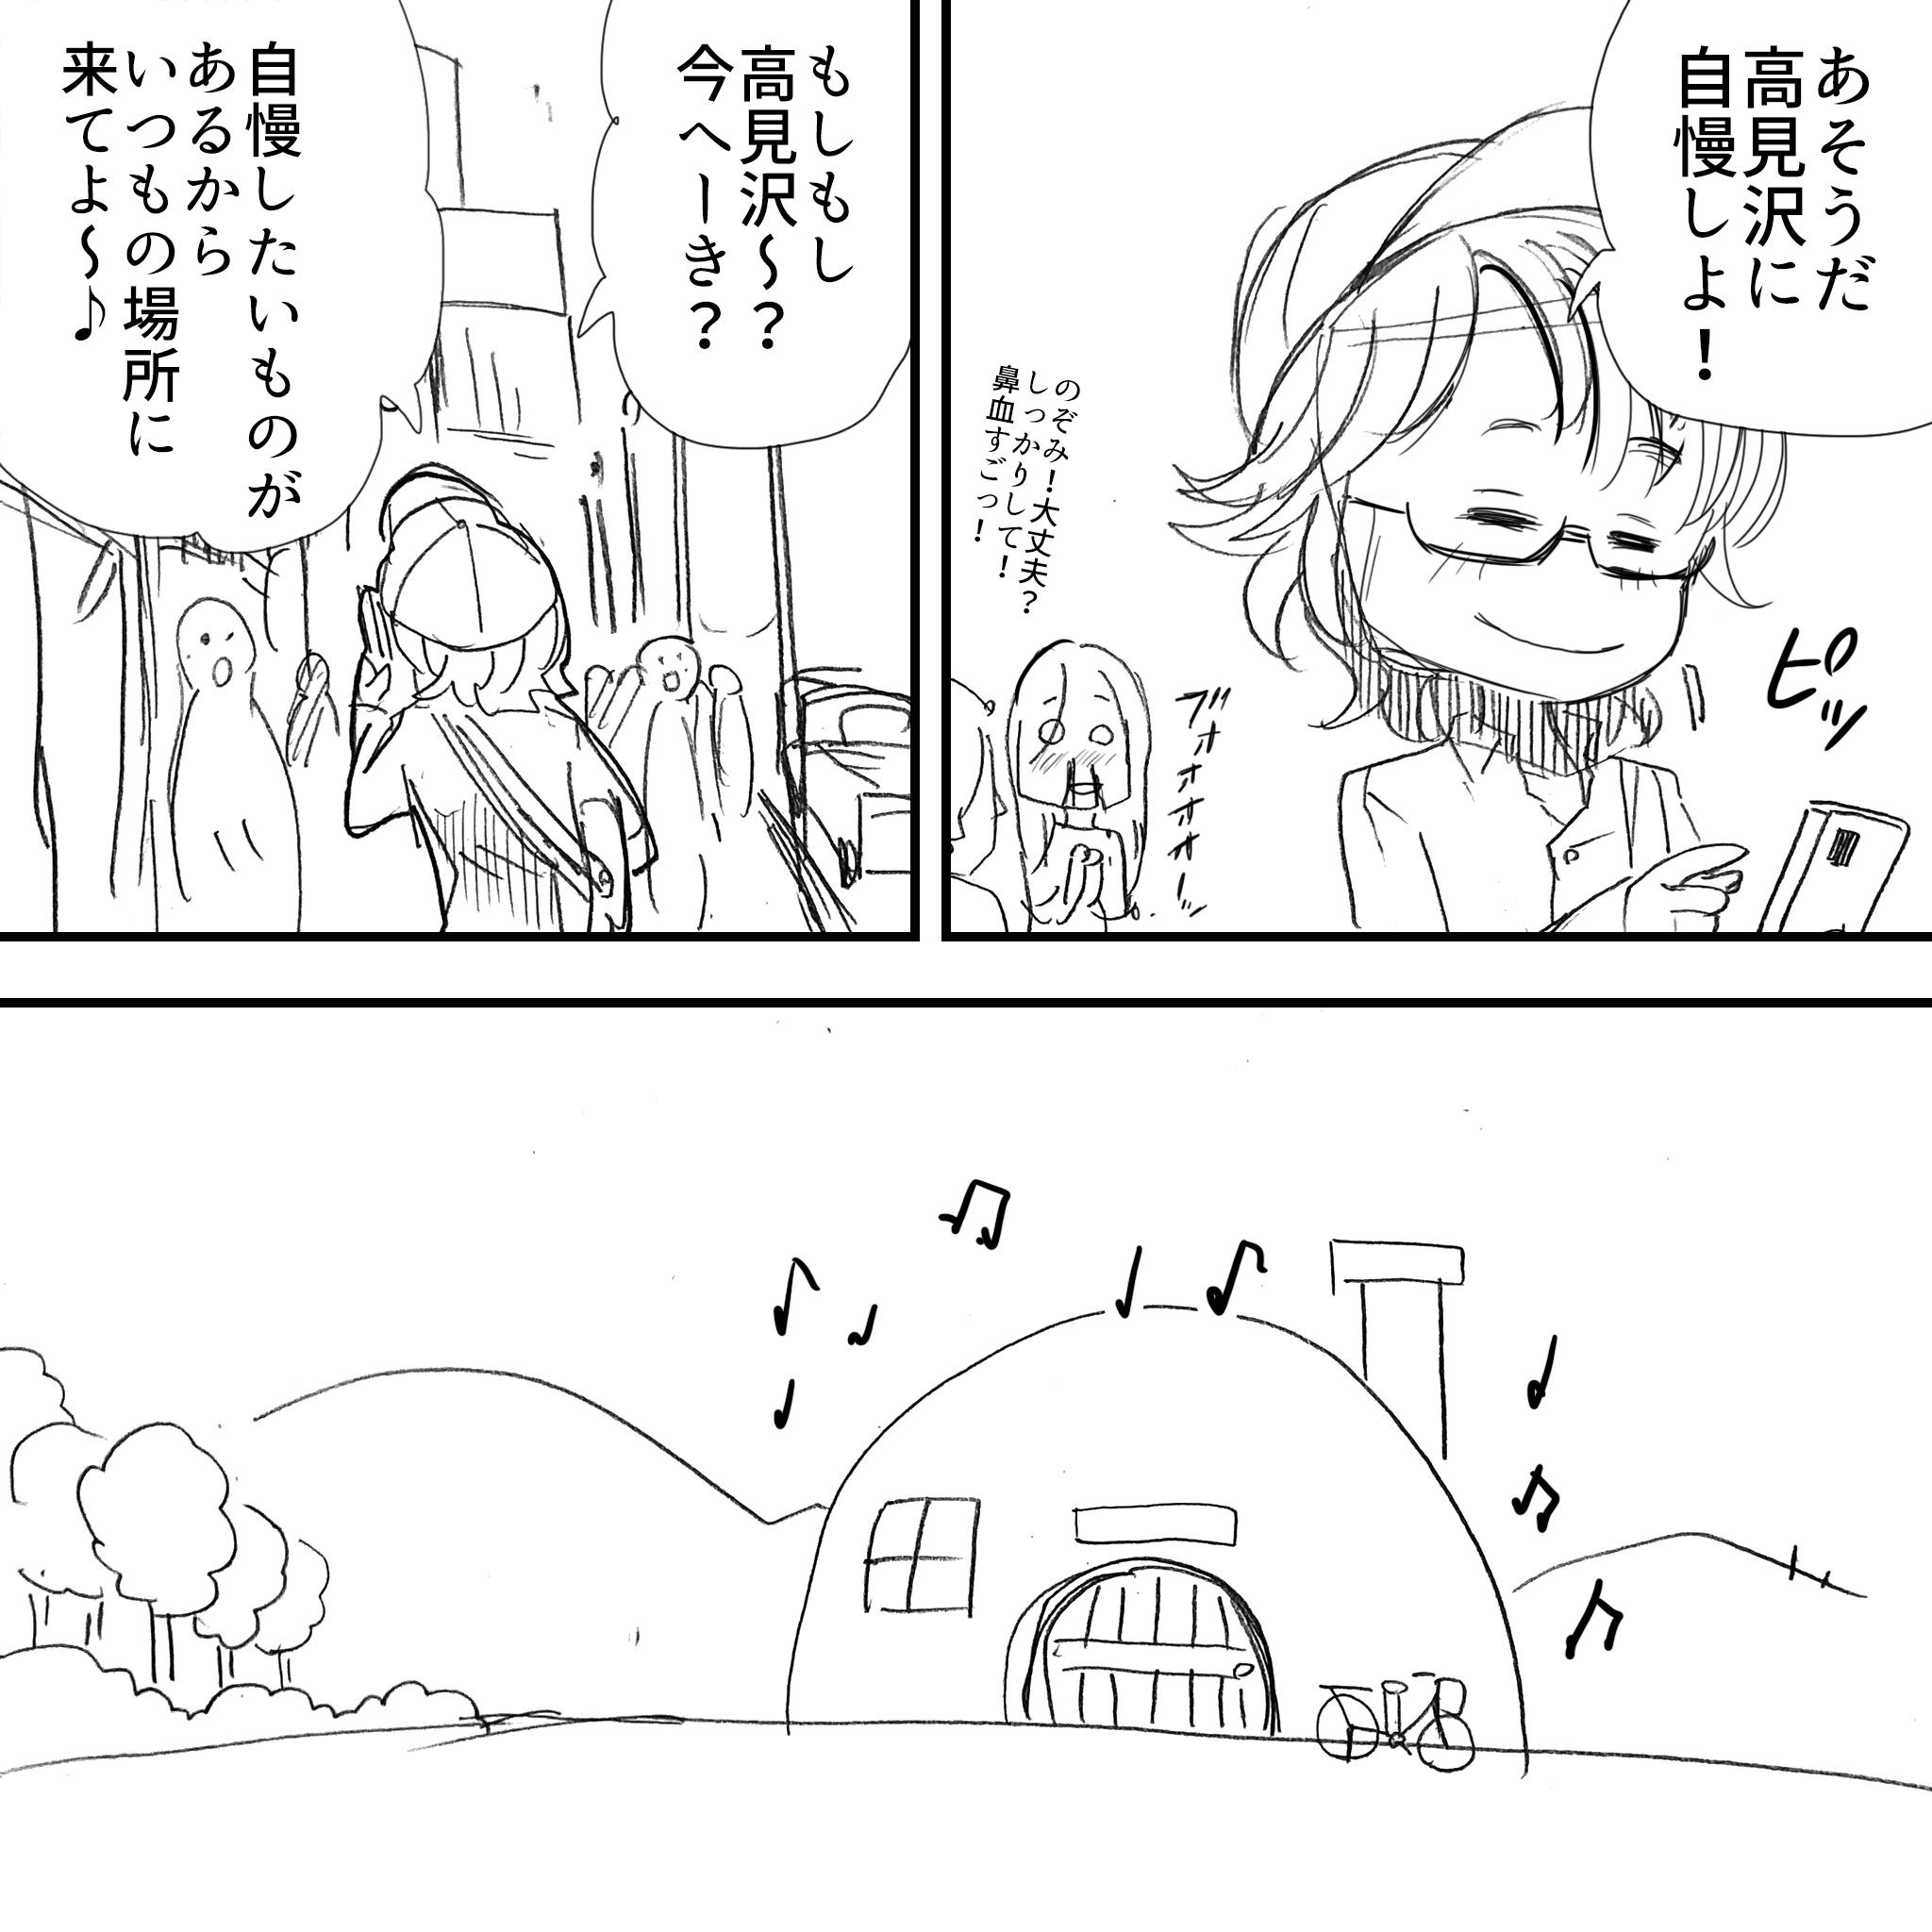 坂崎さんギターを買う3